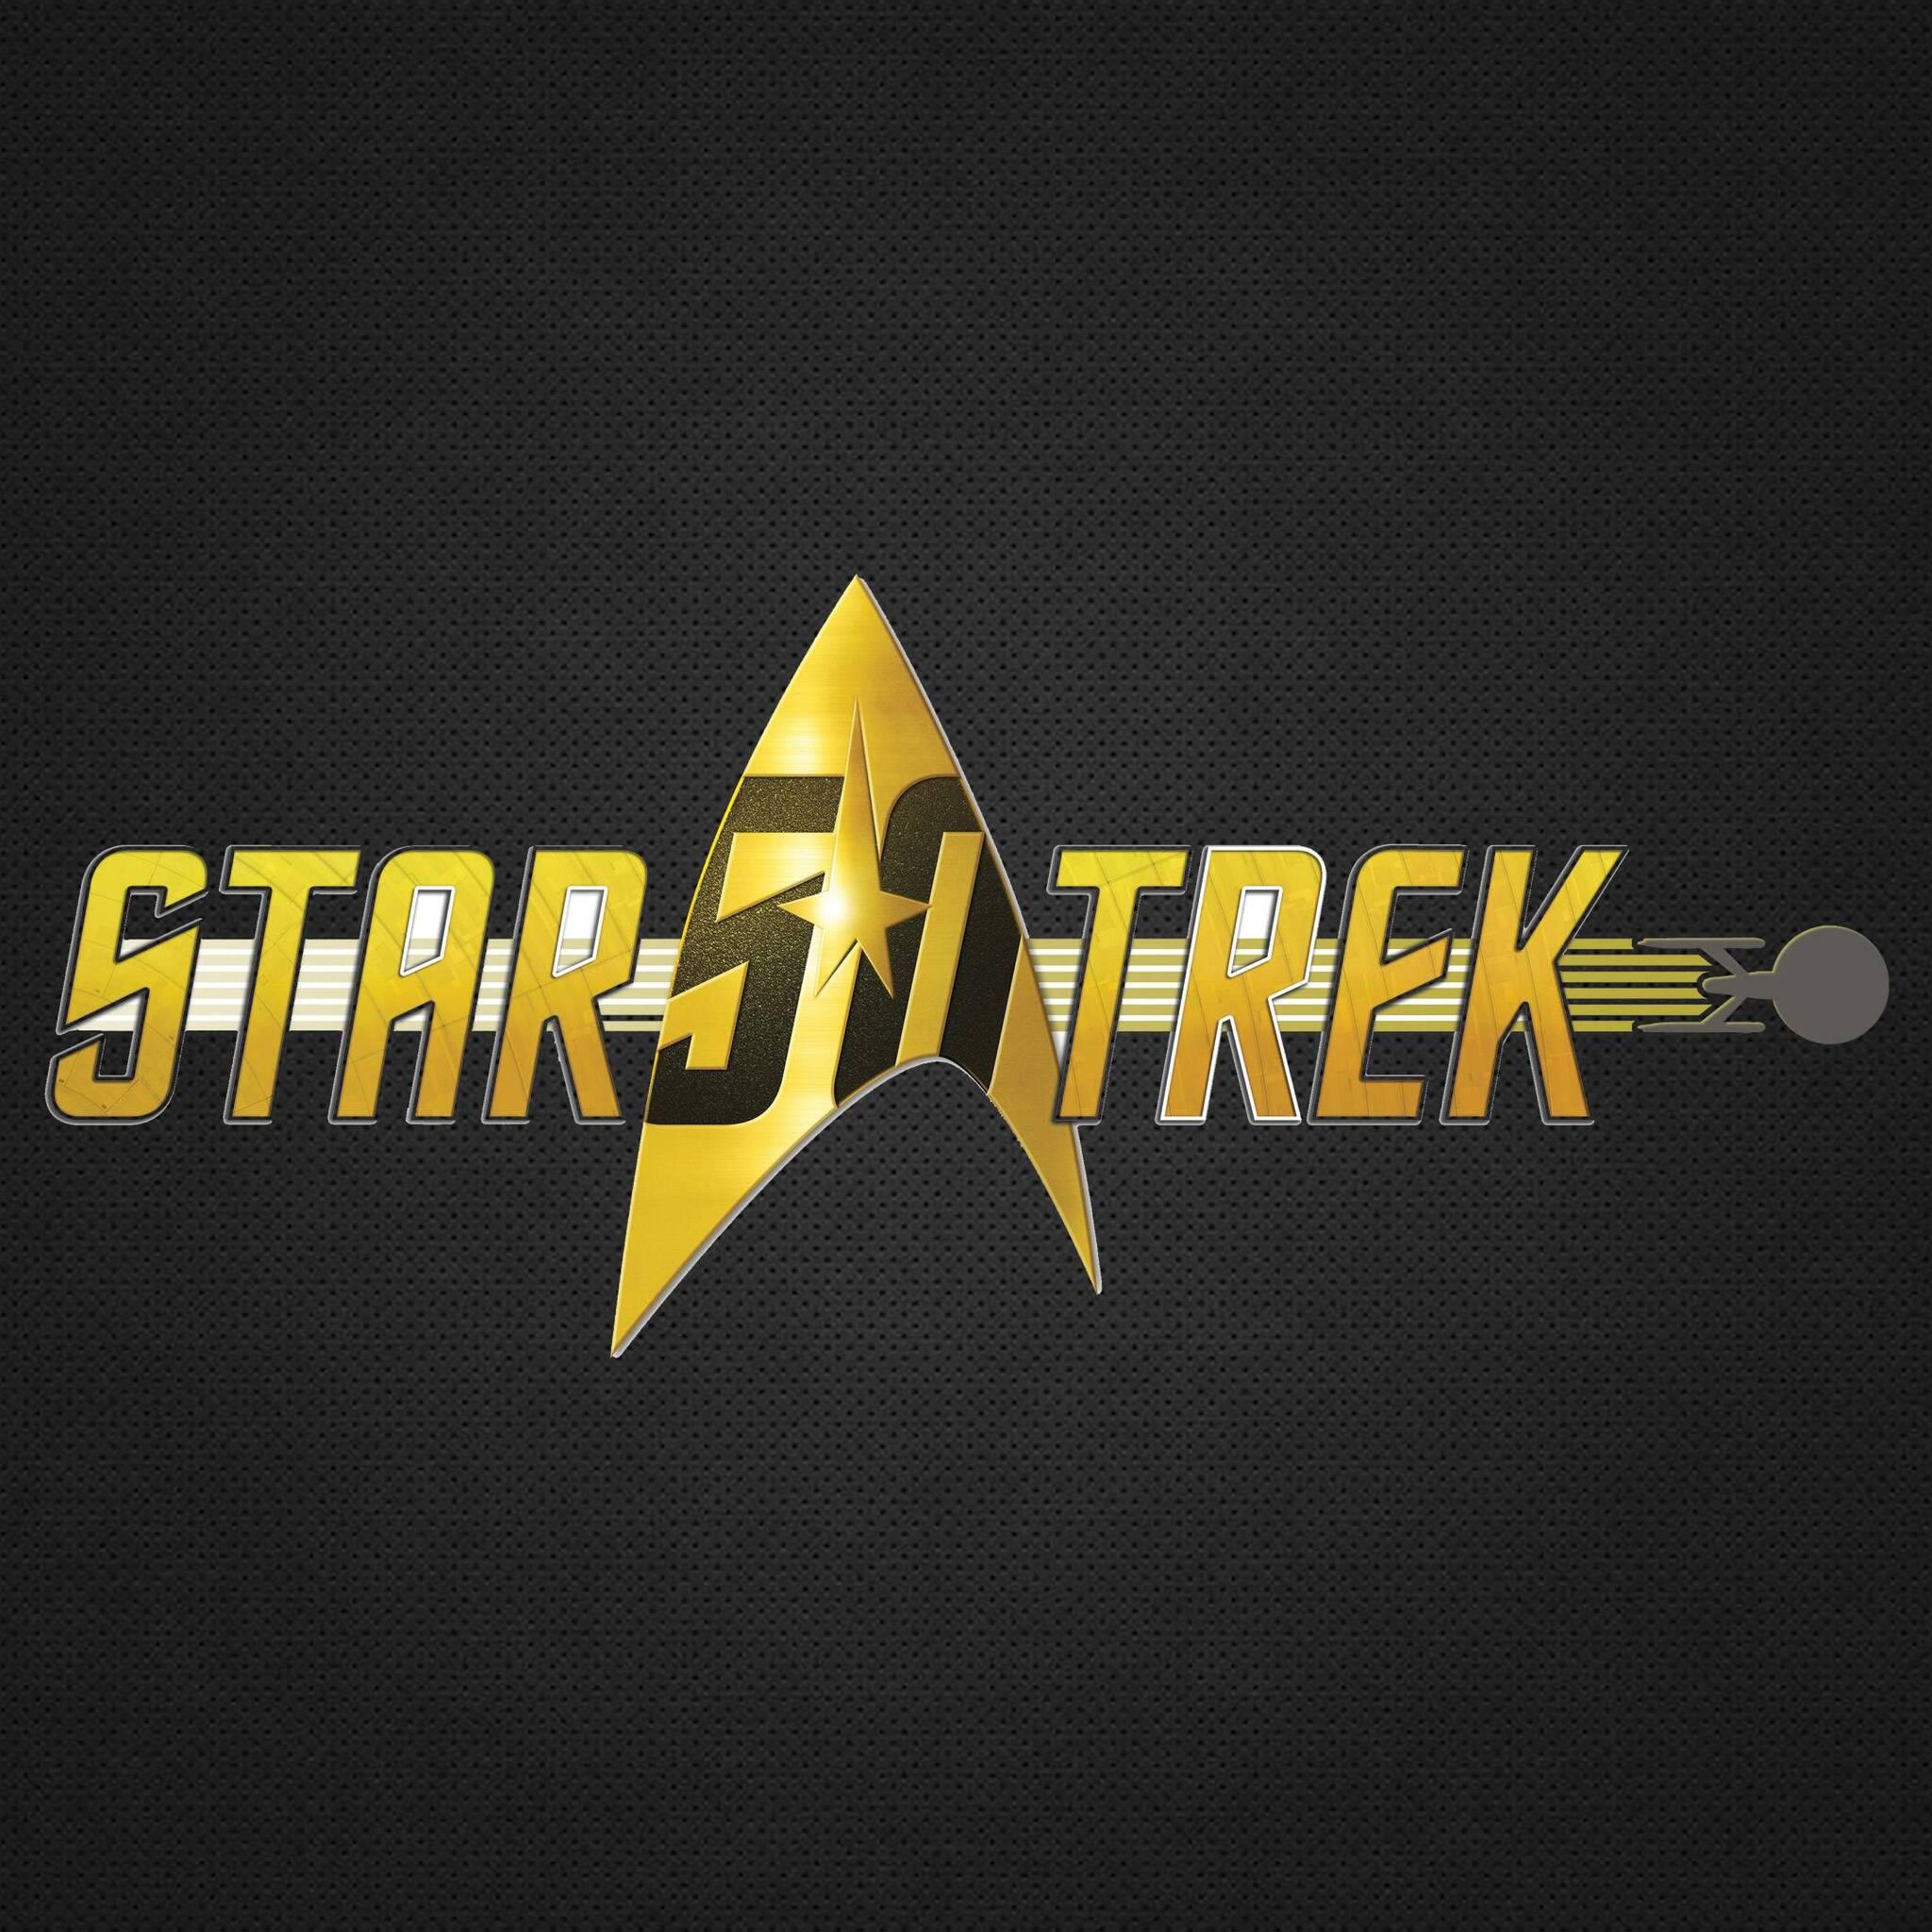 2048x2048 Star Trek 50th Anniversary Ipad Air Hd 4k Wallpapers